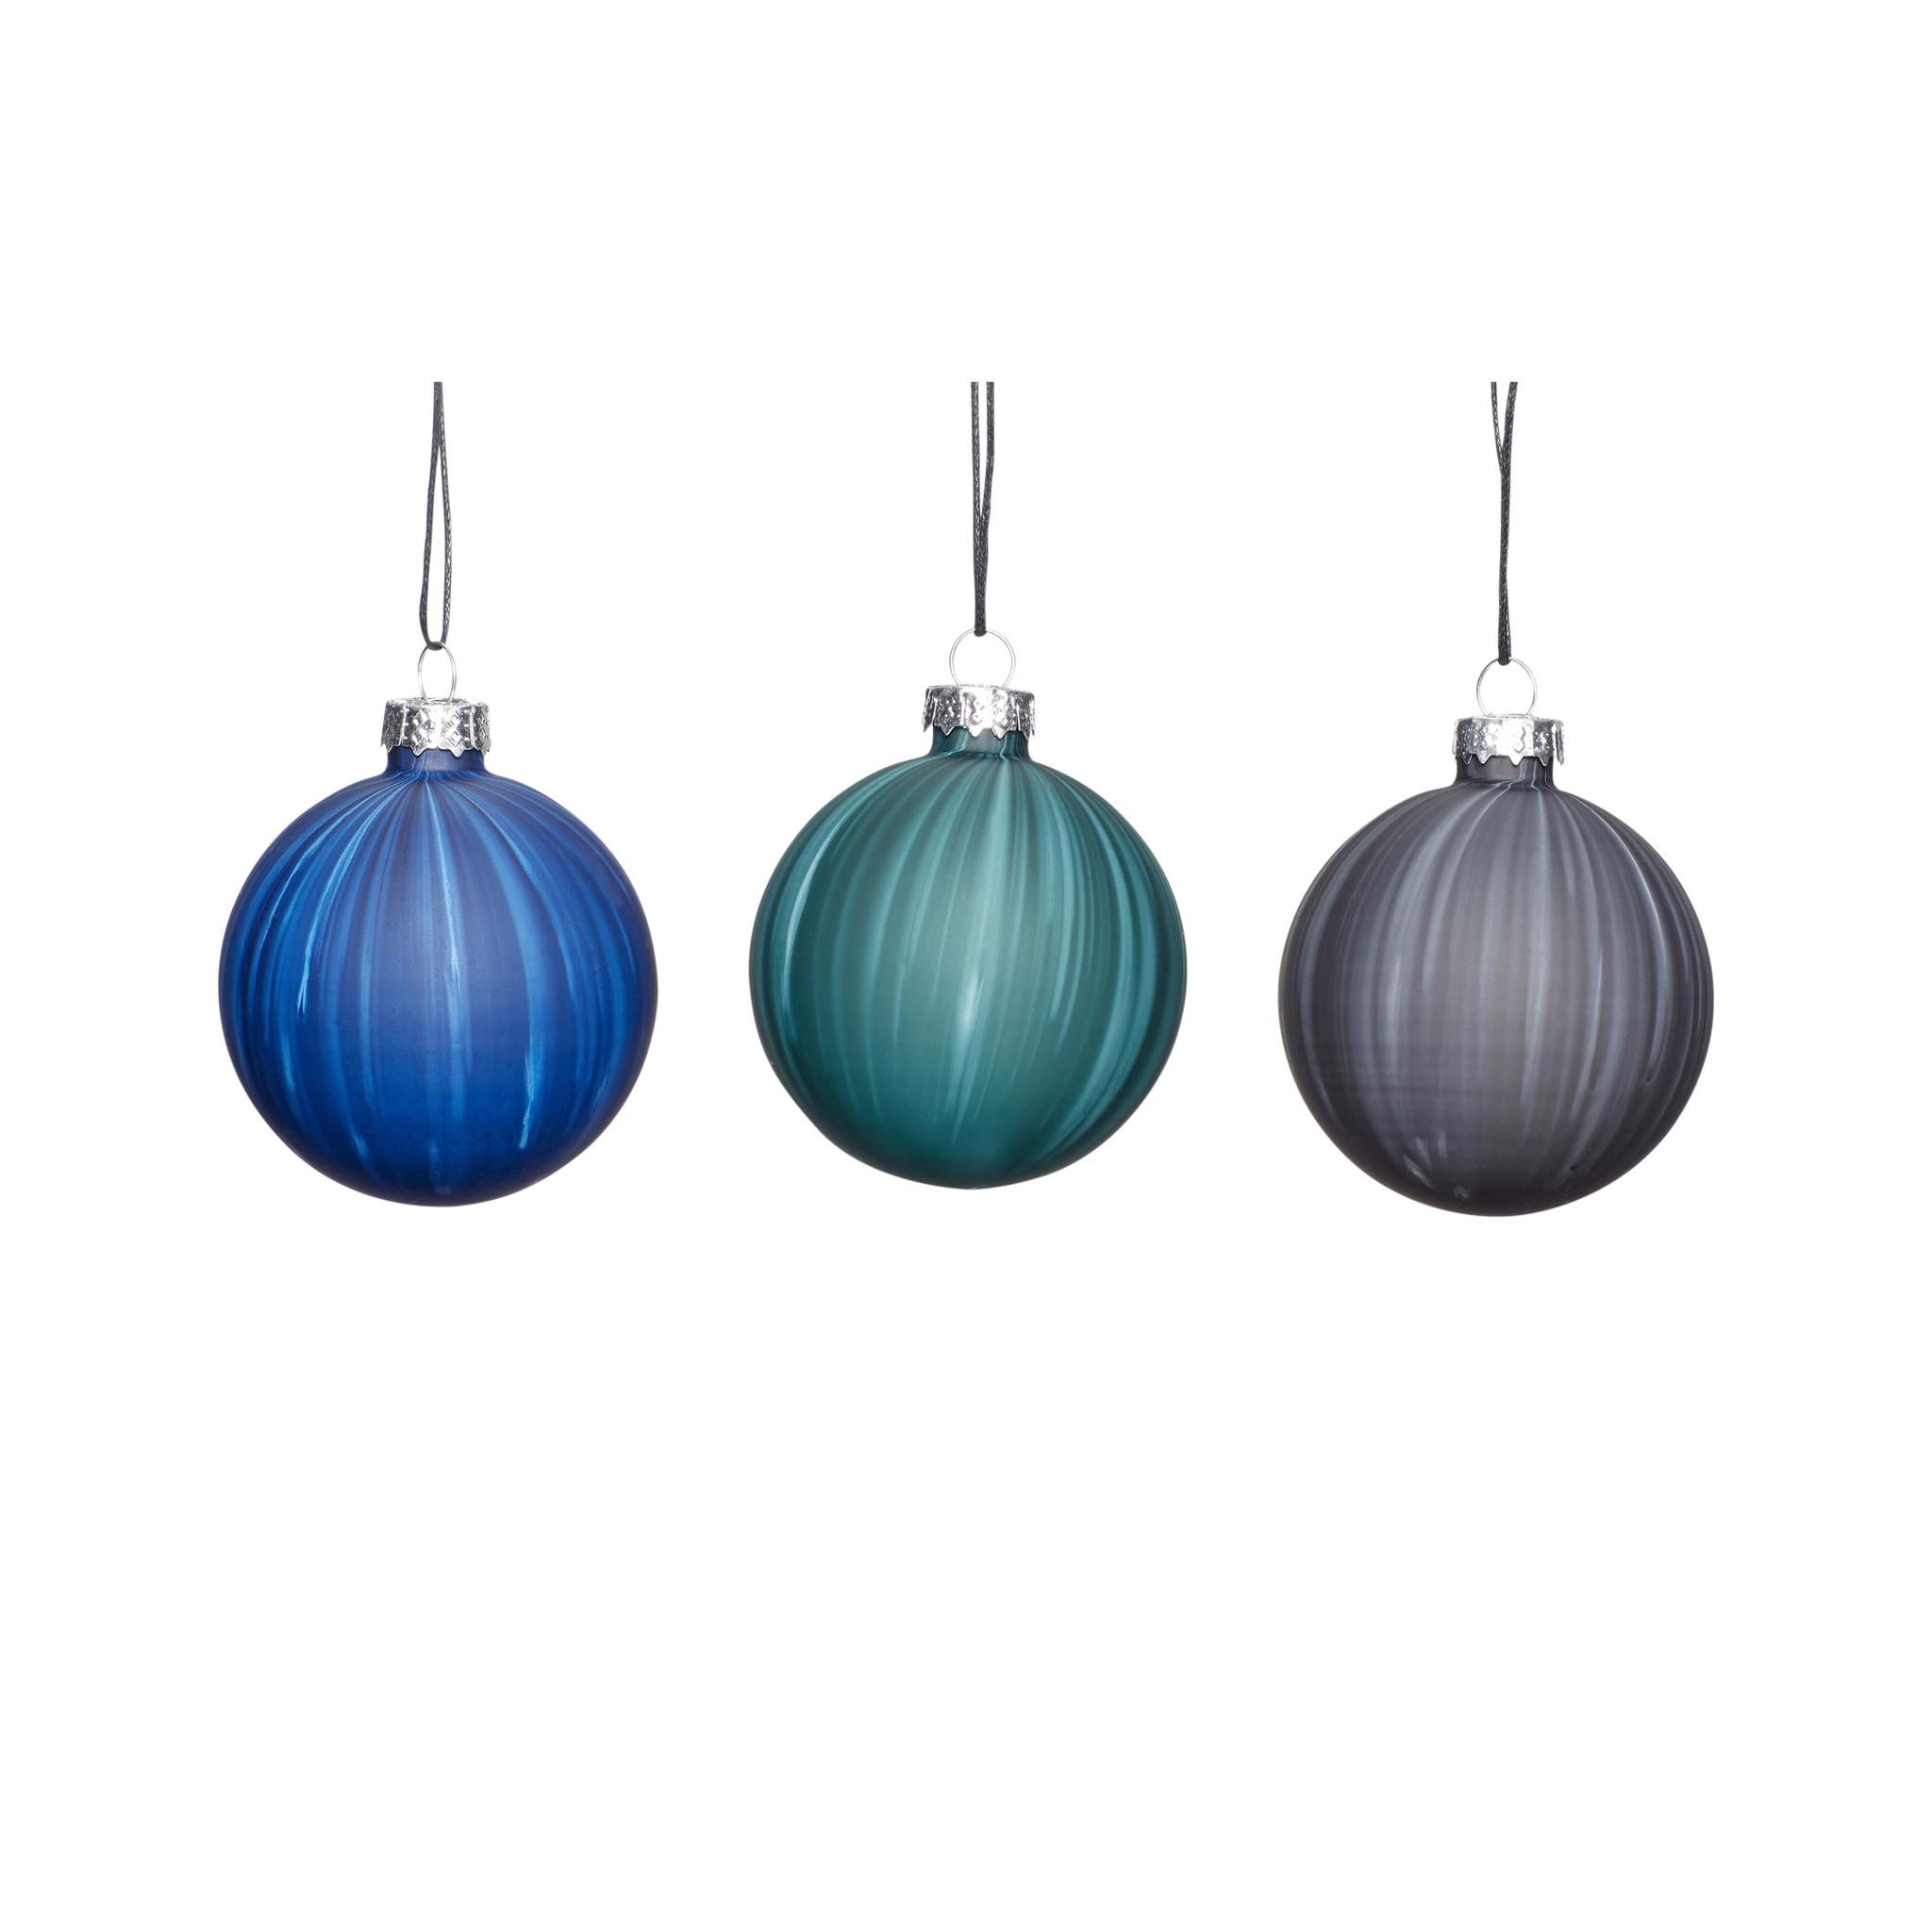 Hubsch Kerstbal, blauw / groen / grijs, set van 3